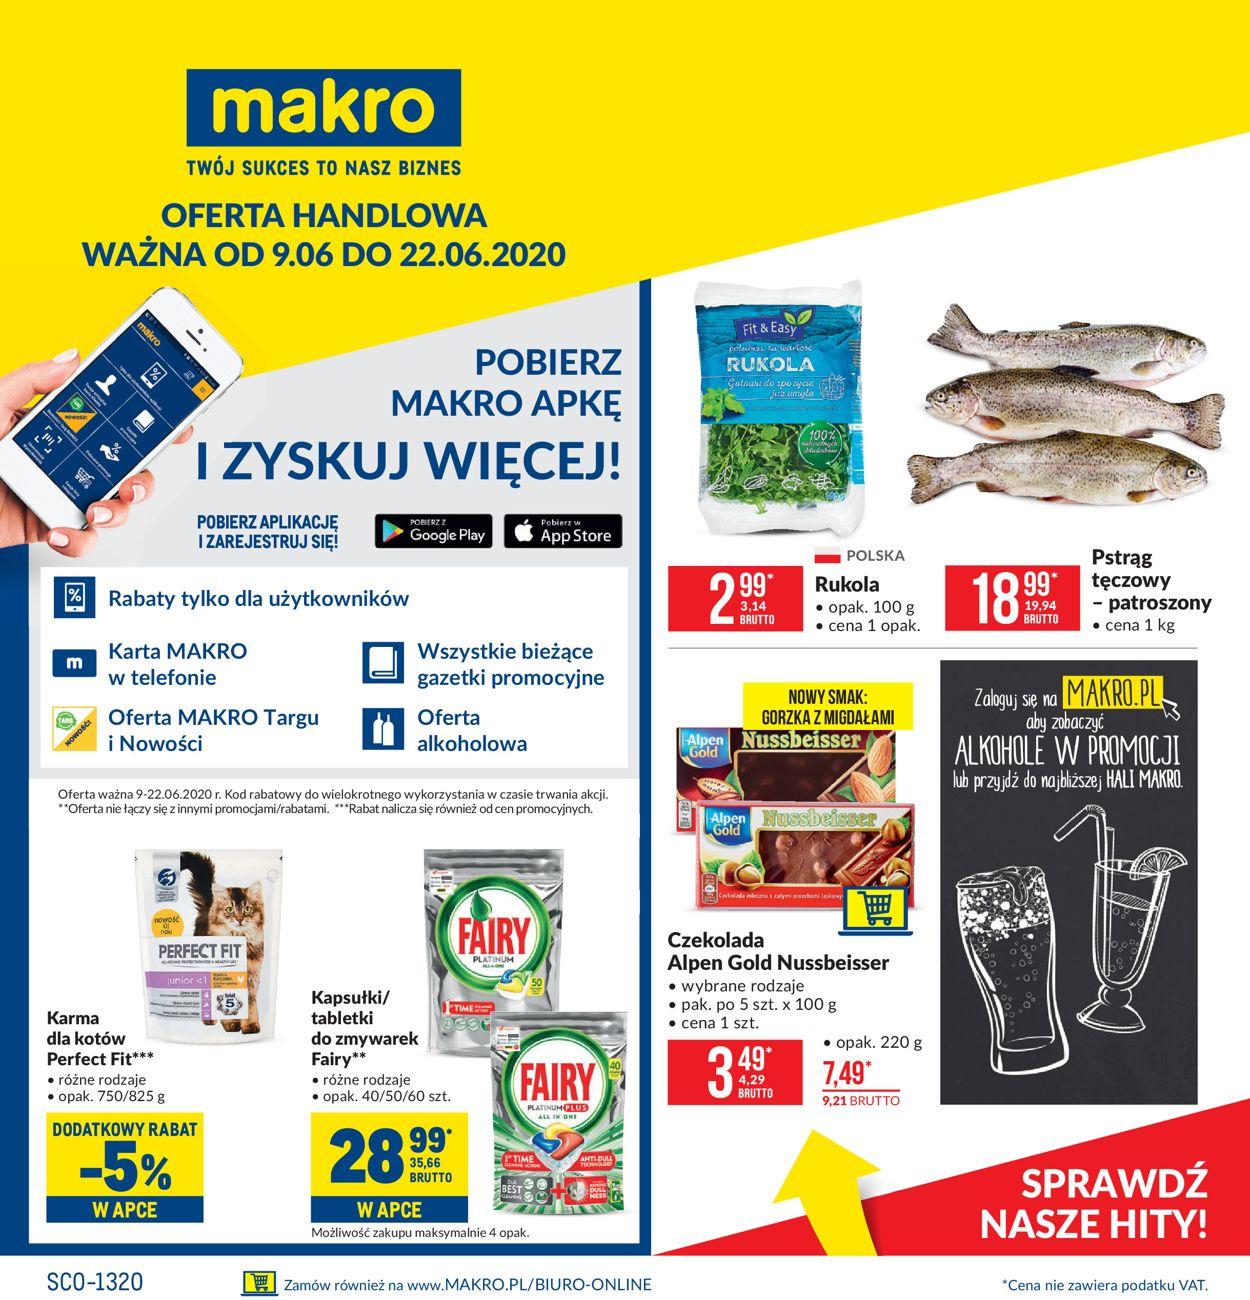 Gazetka promocyjna Makro - 09.06-22.06.2020